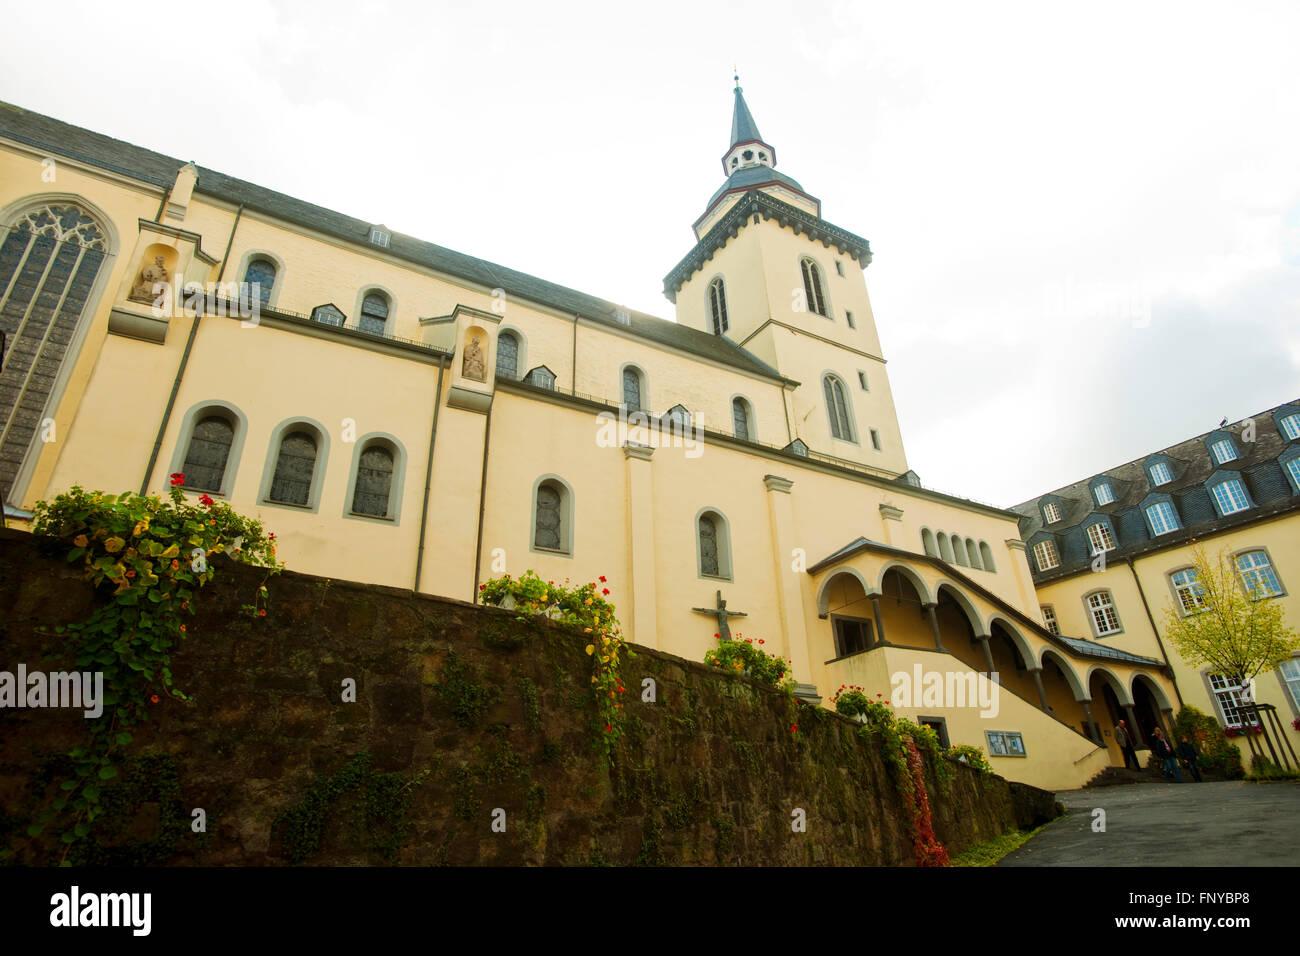 Deutschland, Nordrhein-Westfalen, Rhein-Sieg-Kreis, Siegburg, Abtei Sankt Michael, Abteikirche. Seit Dem Jahr 1064 Stockbild